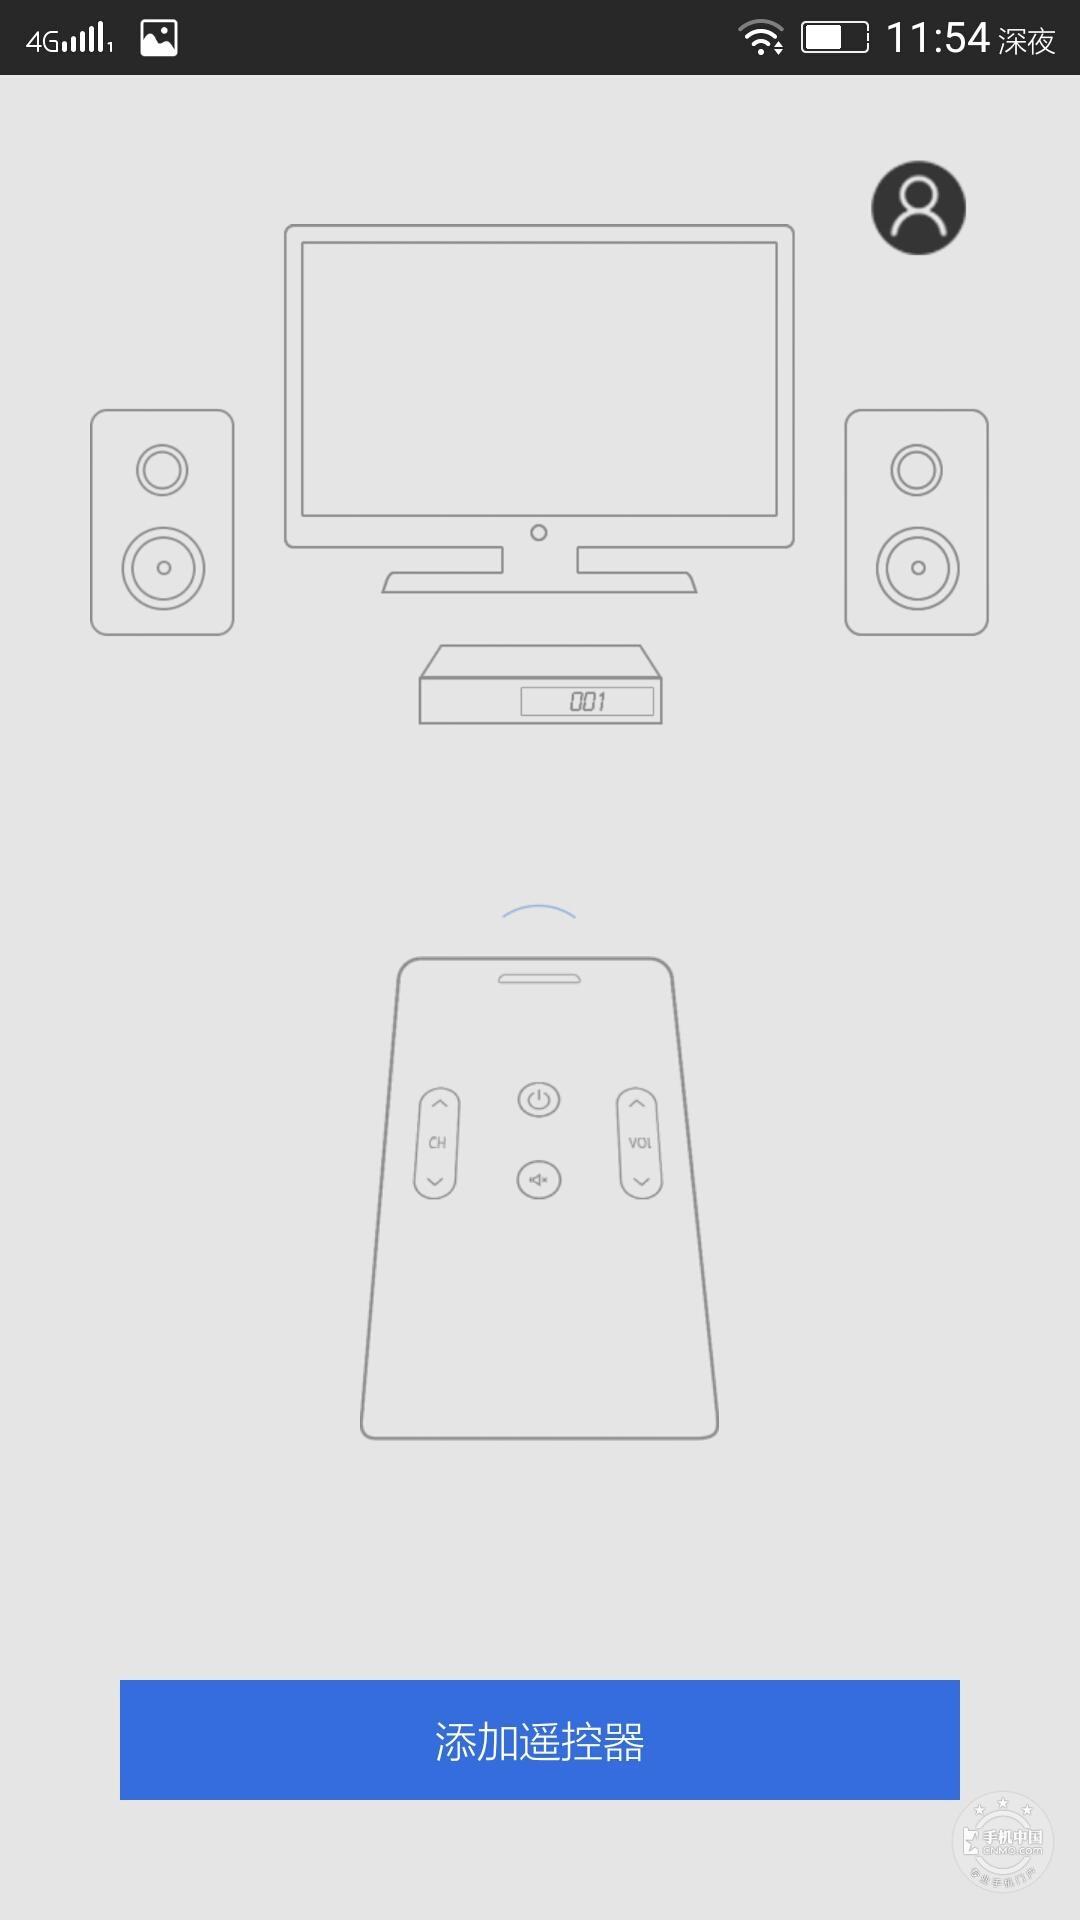 联想乐檬X3(双4G)手机功能界面第5张